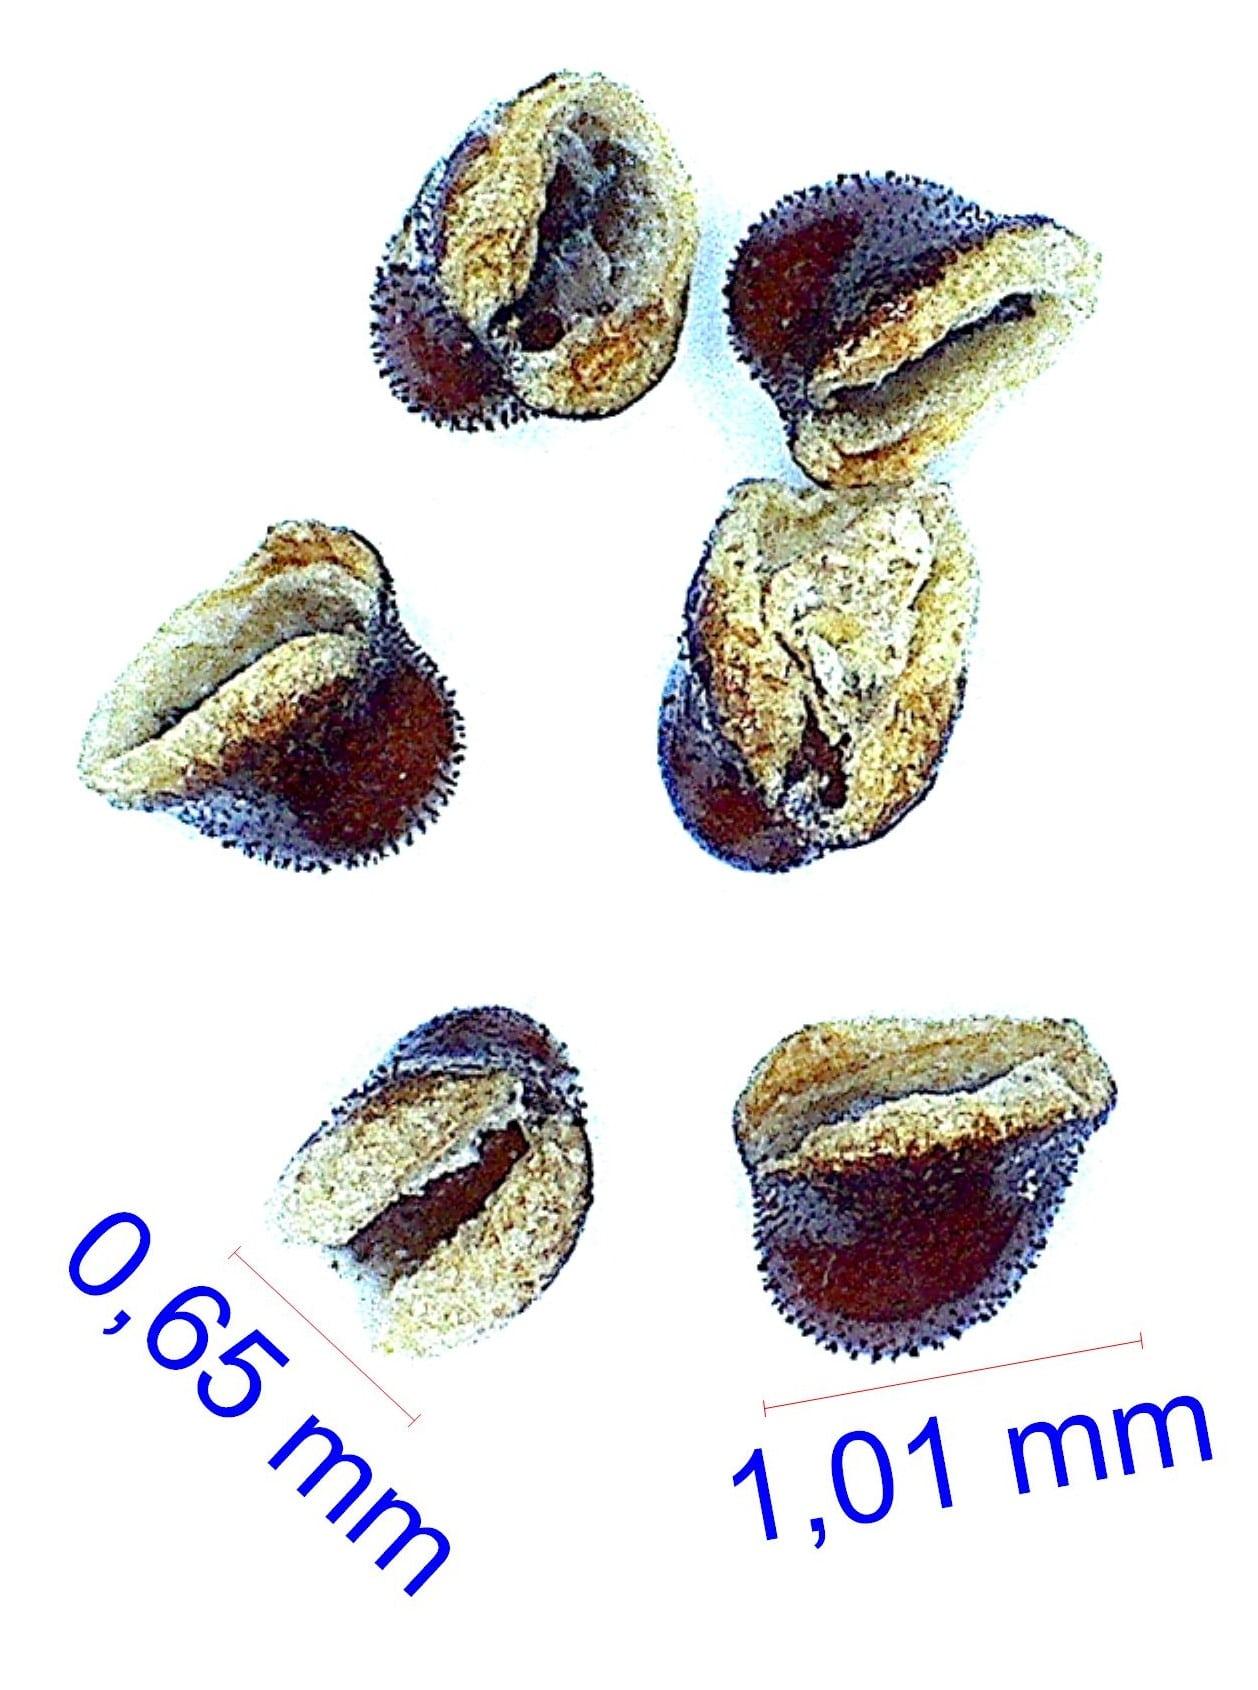 Gymnocalycium bodenbenderianum fma platygonum P 216. © Joël Lodé/cactus-aventures.com